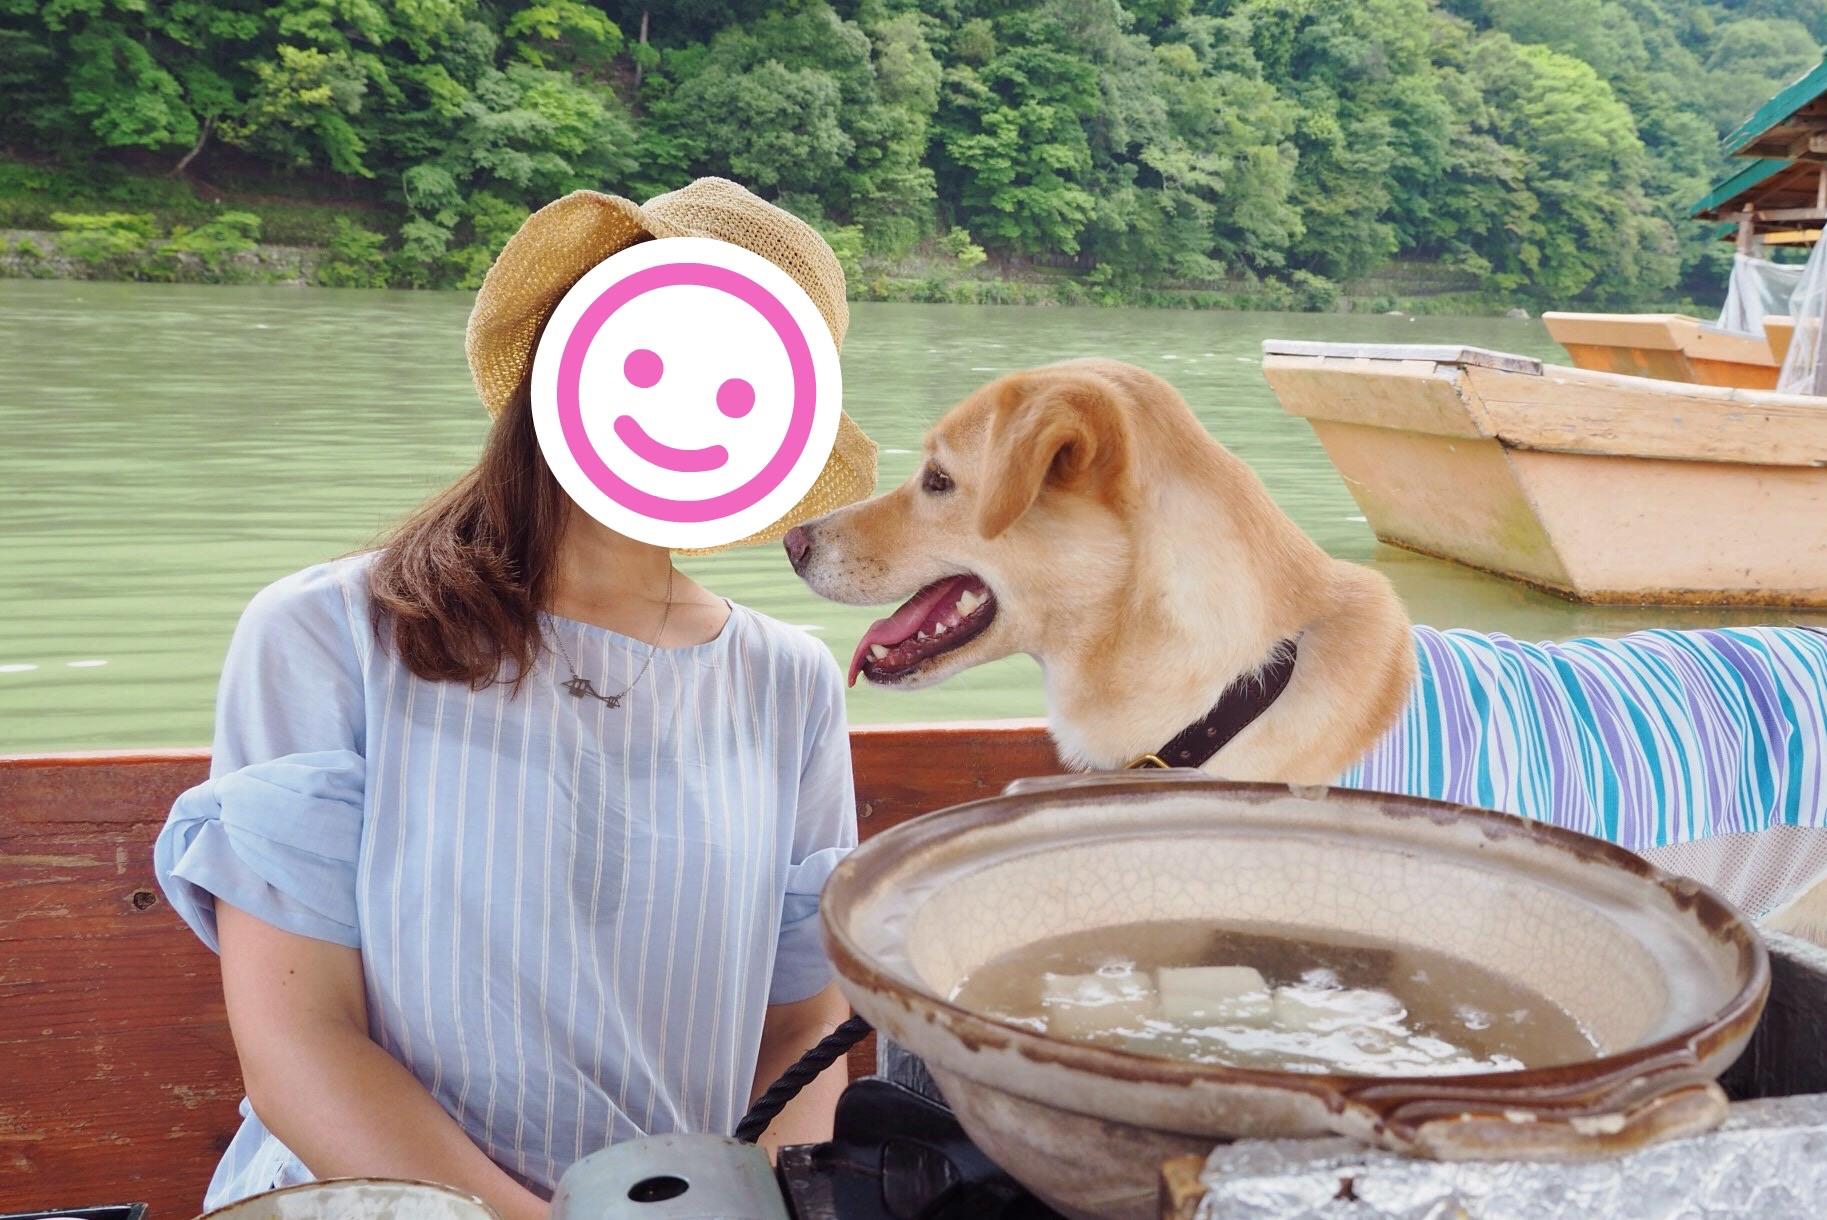 嵐山 屋形船 大型犬